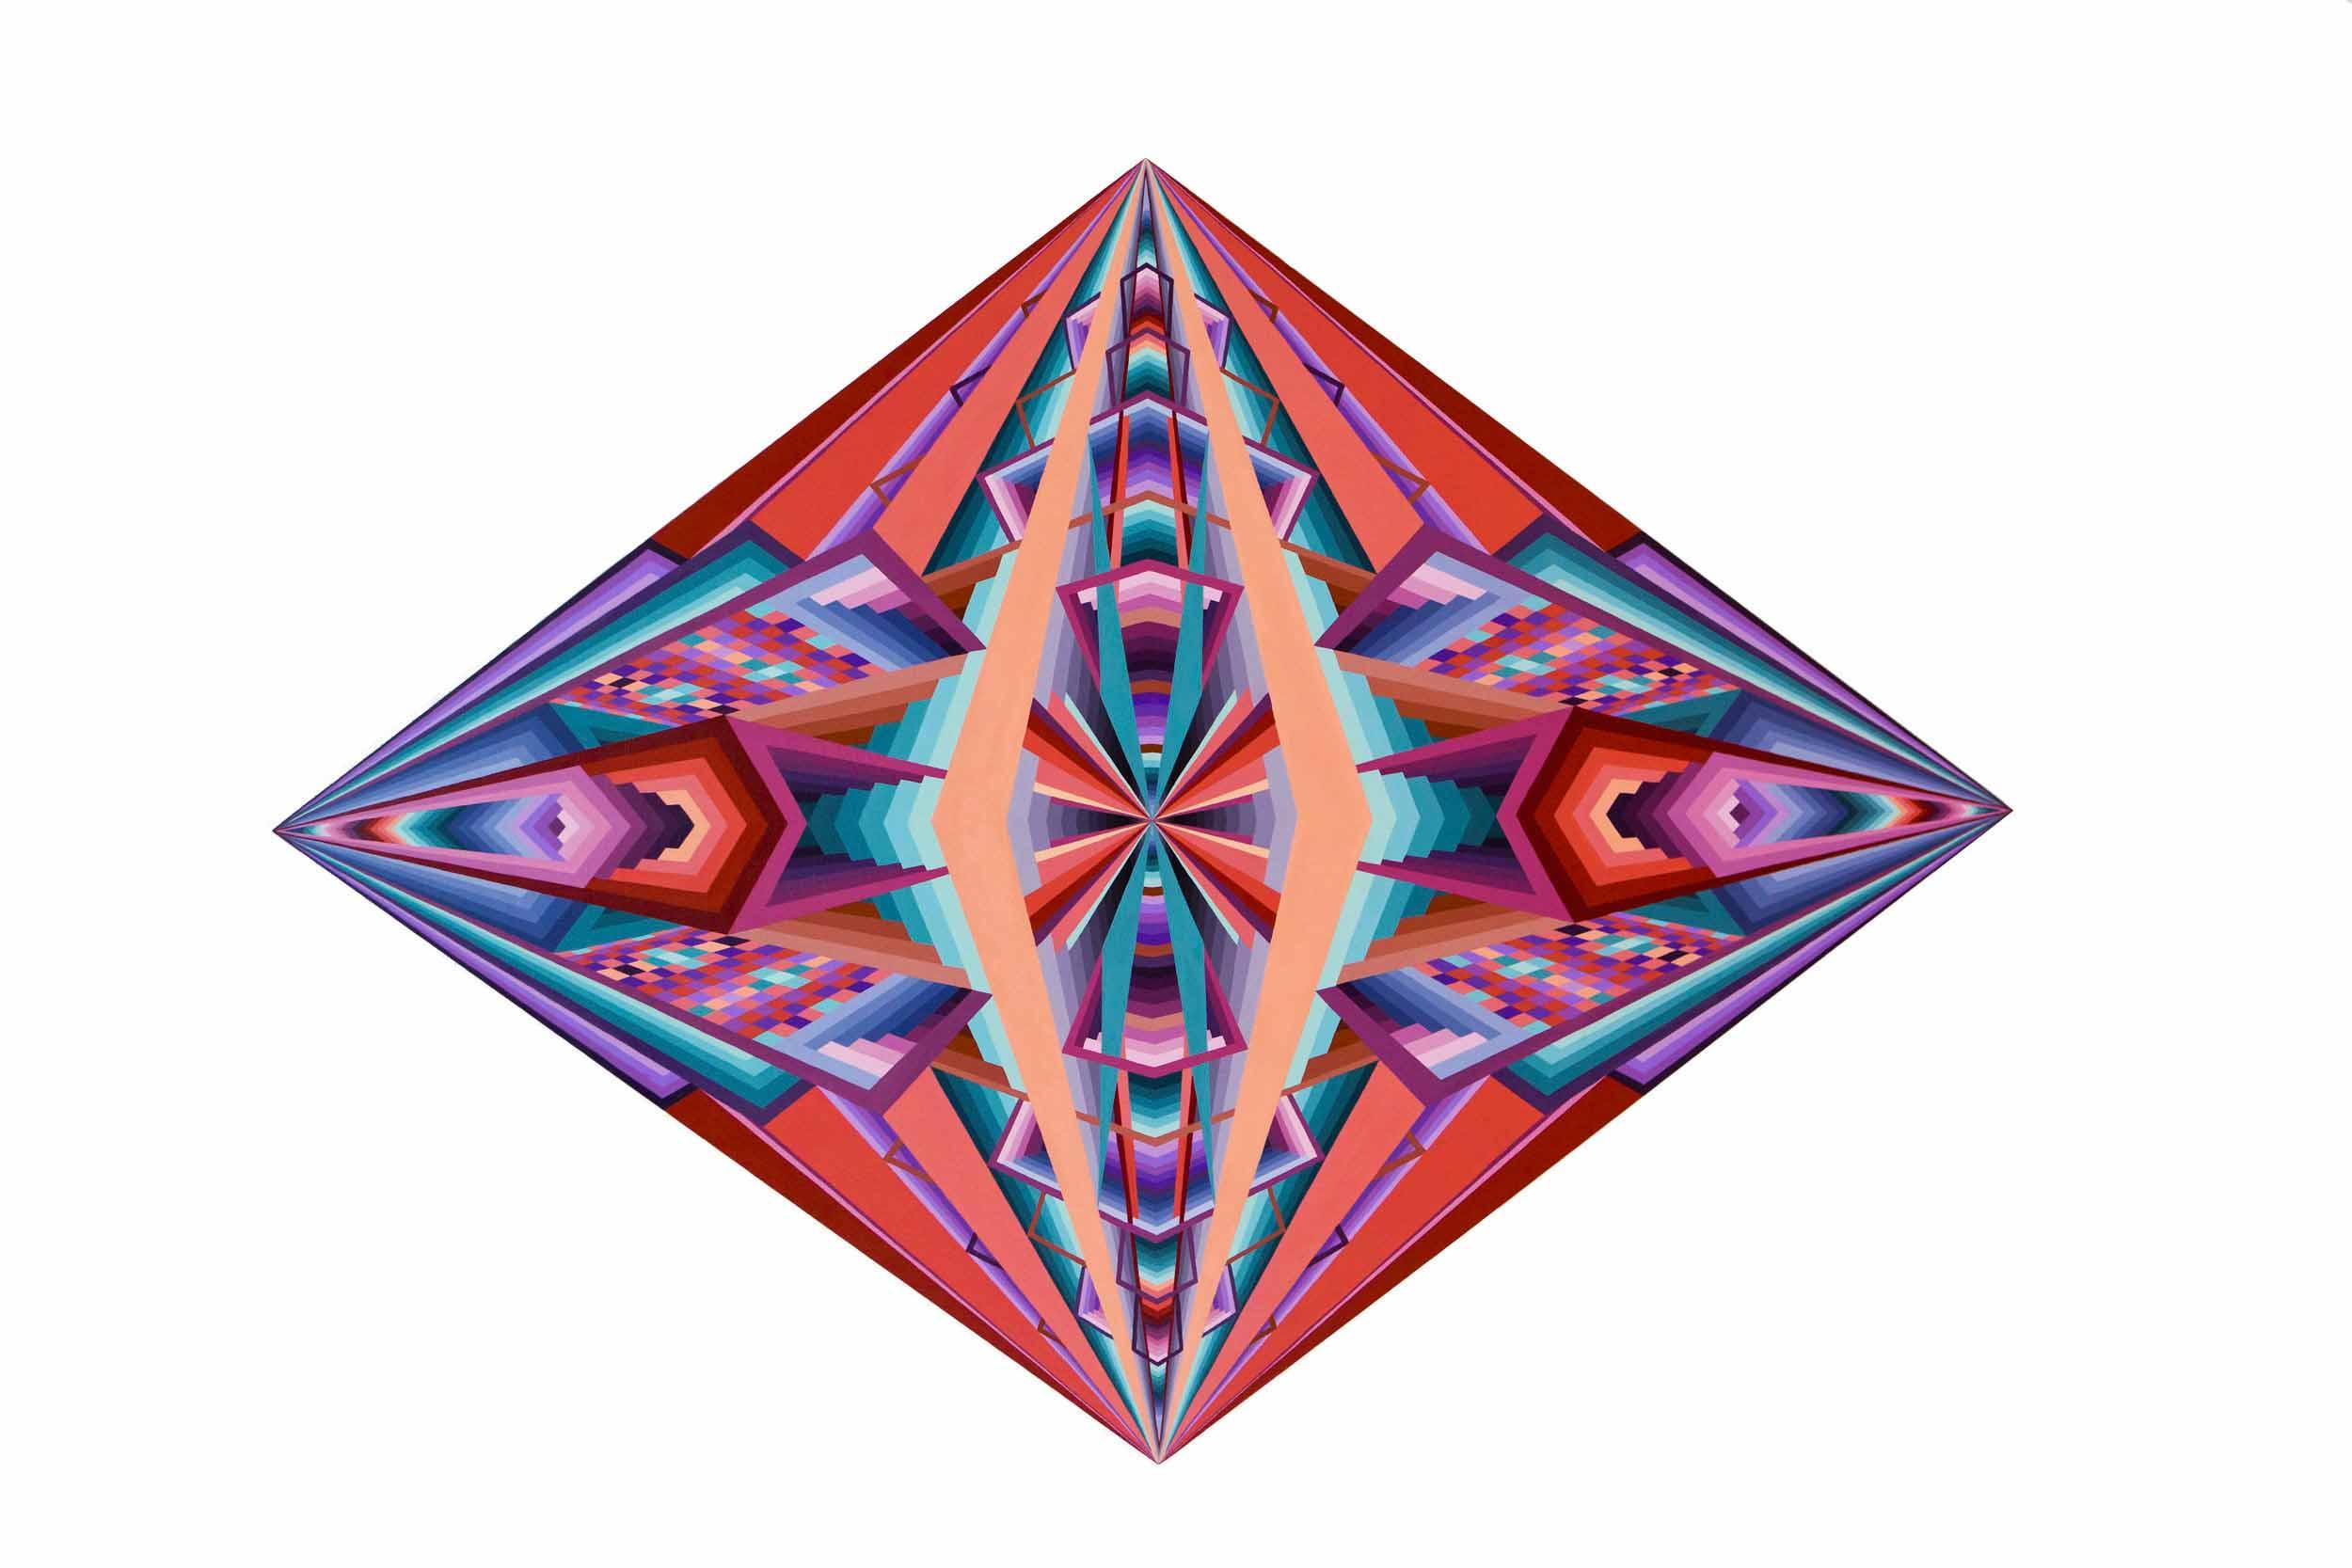 Crysenthemum.jpg